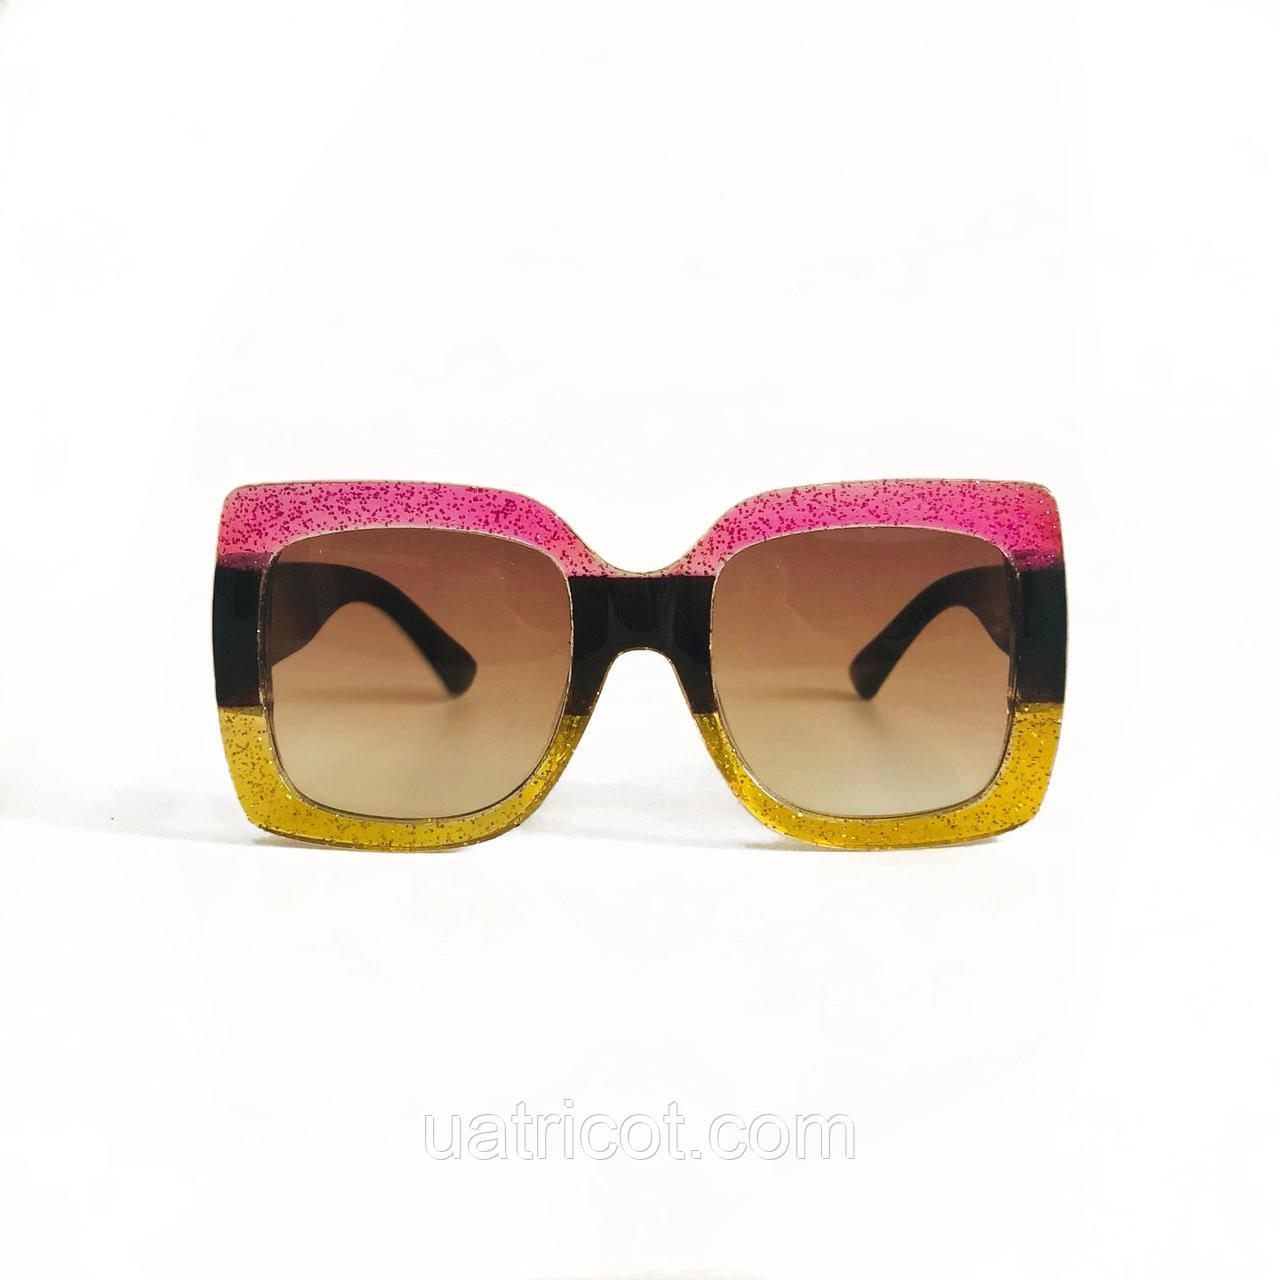 Женские квадратные солнцезащитные очки Oversize в розовой оправе